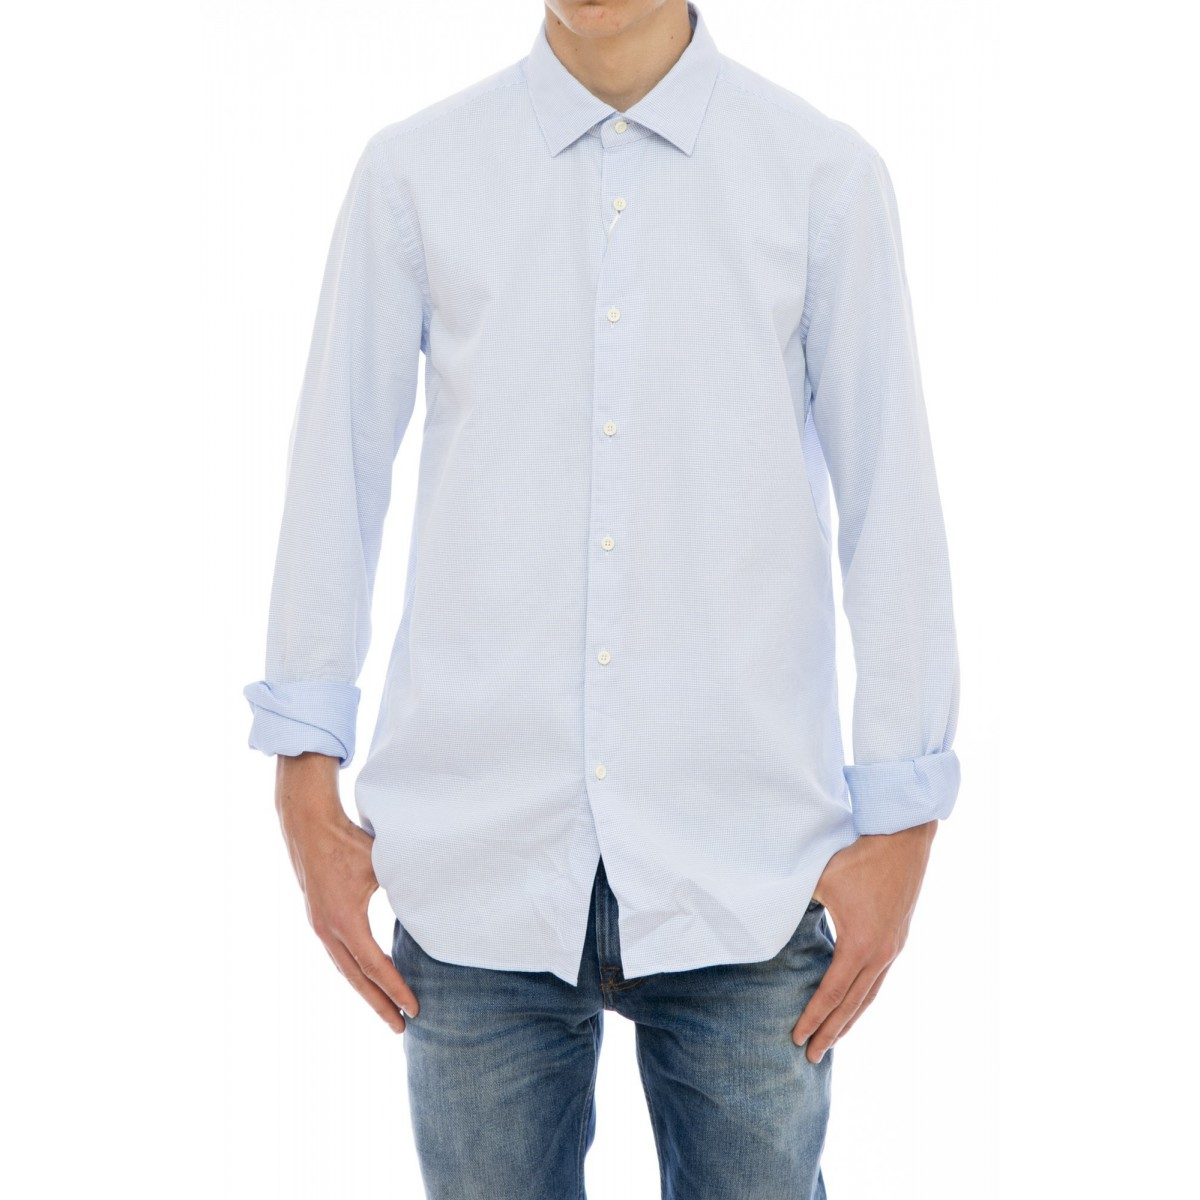 Camicia uomo Xacus - 719 71111 camicia taylor lavata